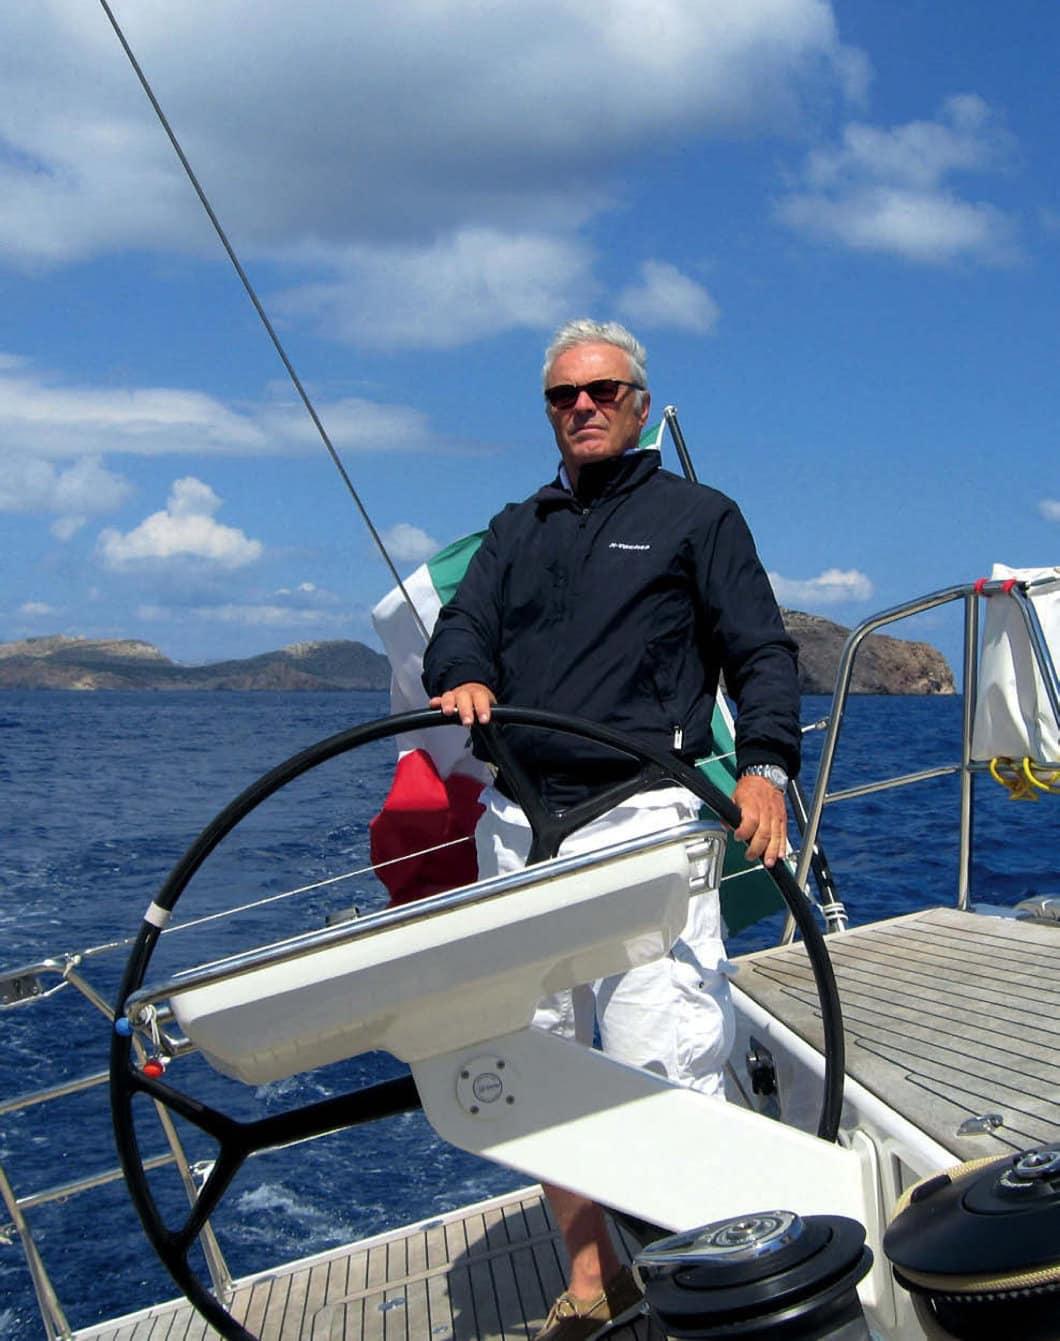 Viaggio in barca a vela in Croazia e Montenegro, con Bruno Veronesi